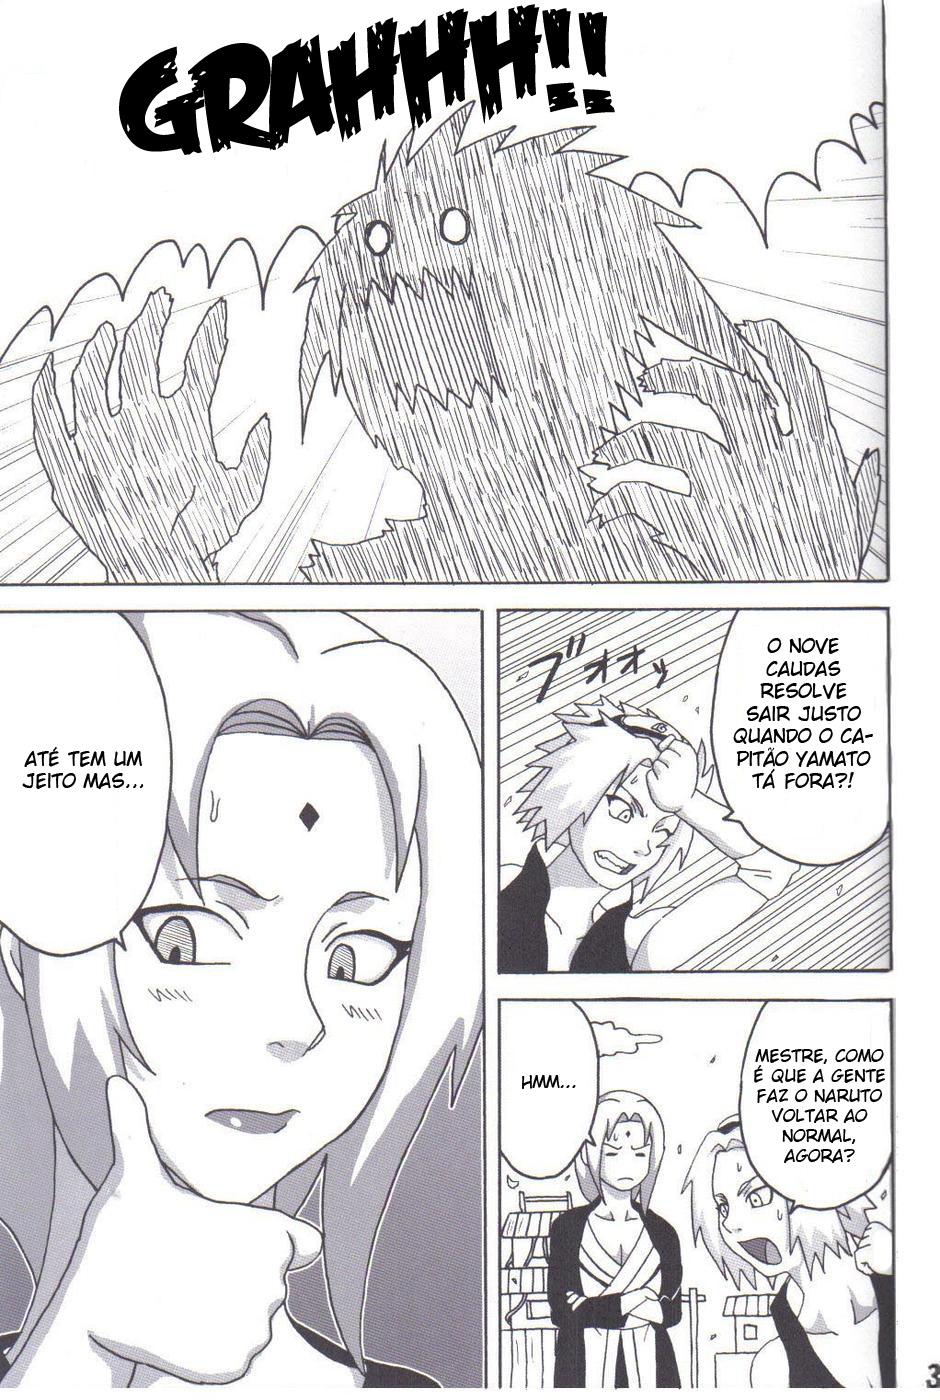 Tsunade No Inchiryou Naruto Hentai Manga Dublado Br